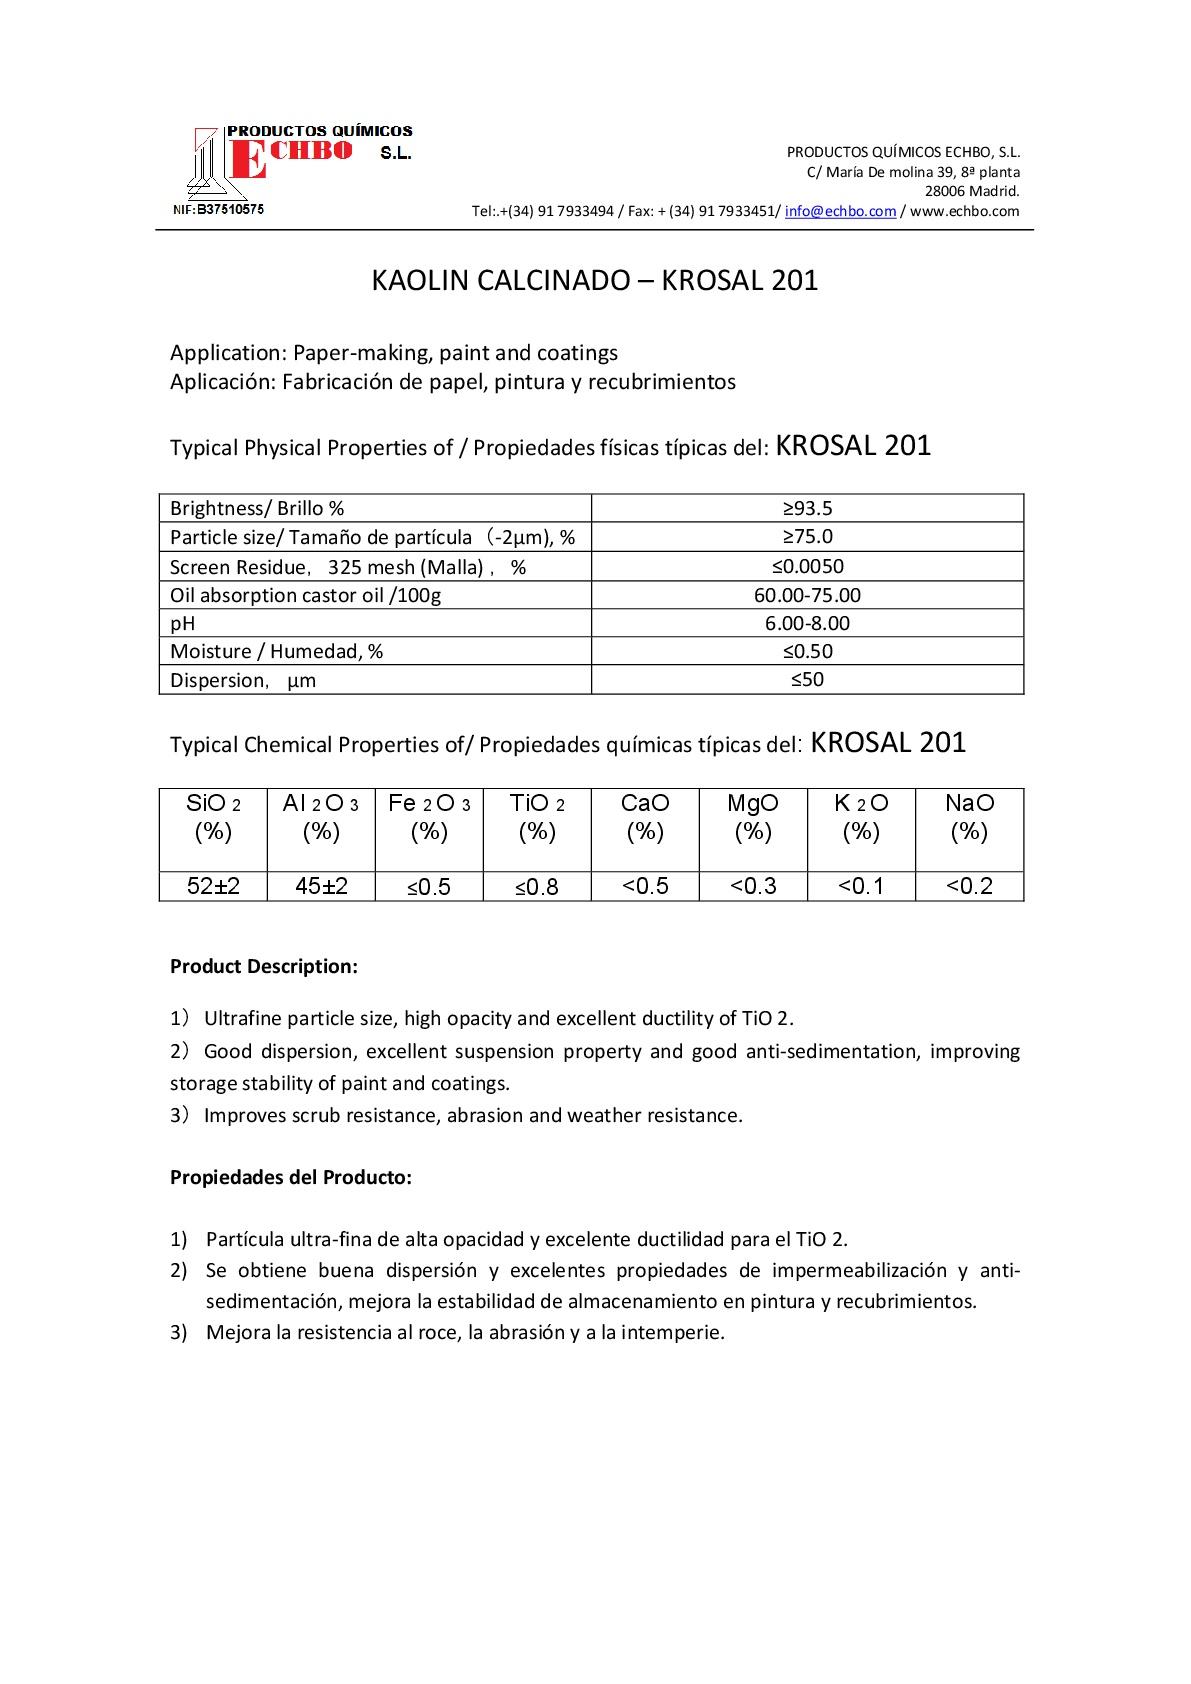 MDS KROSAL 201